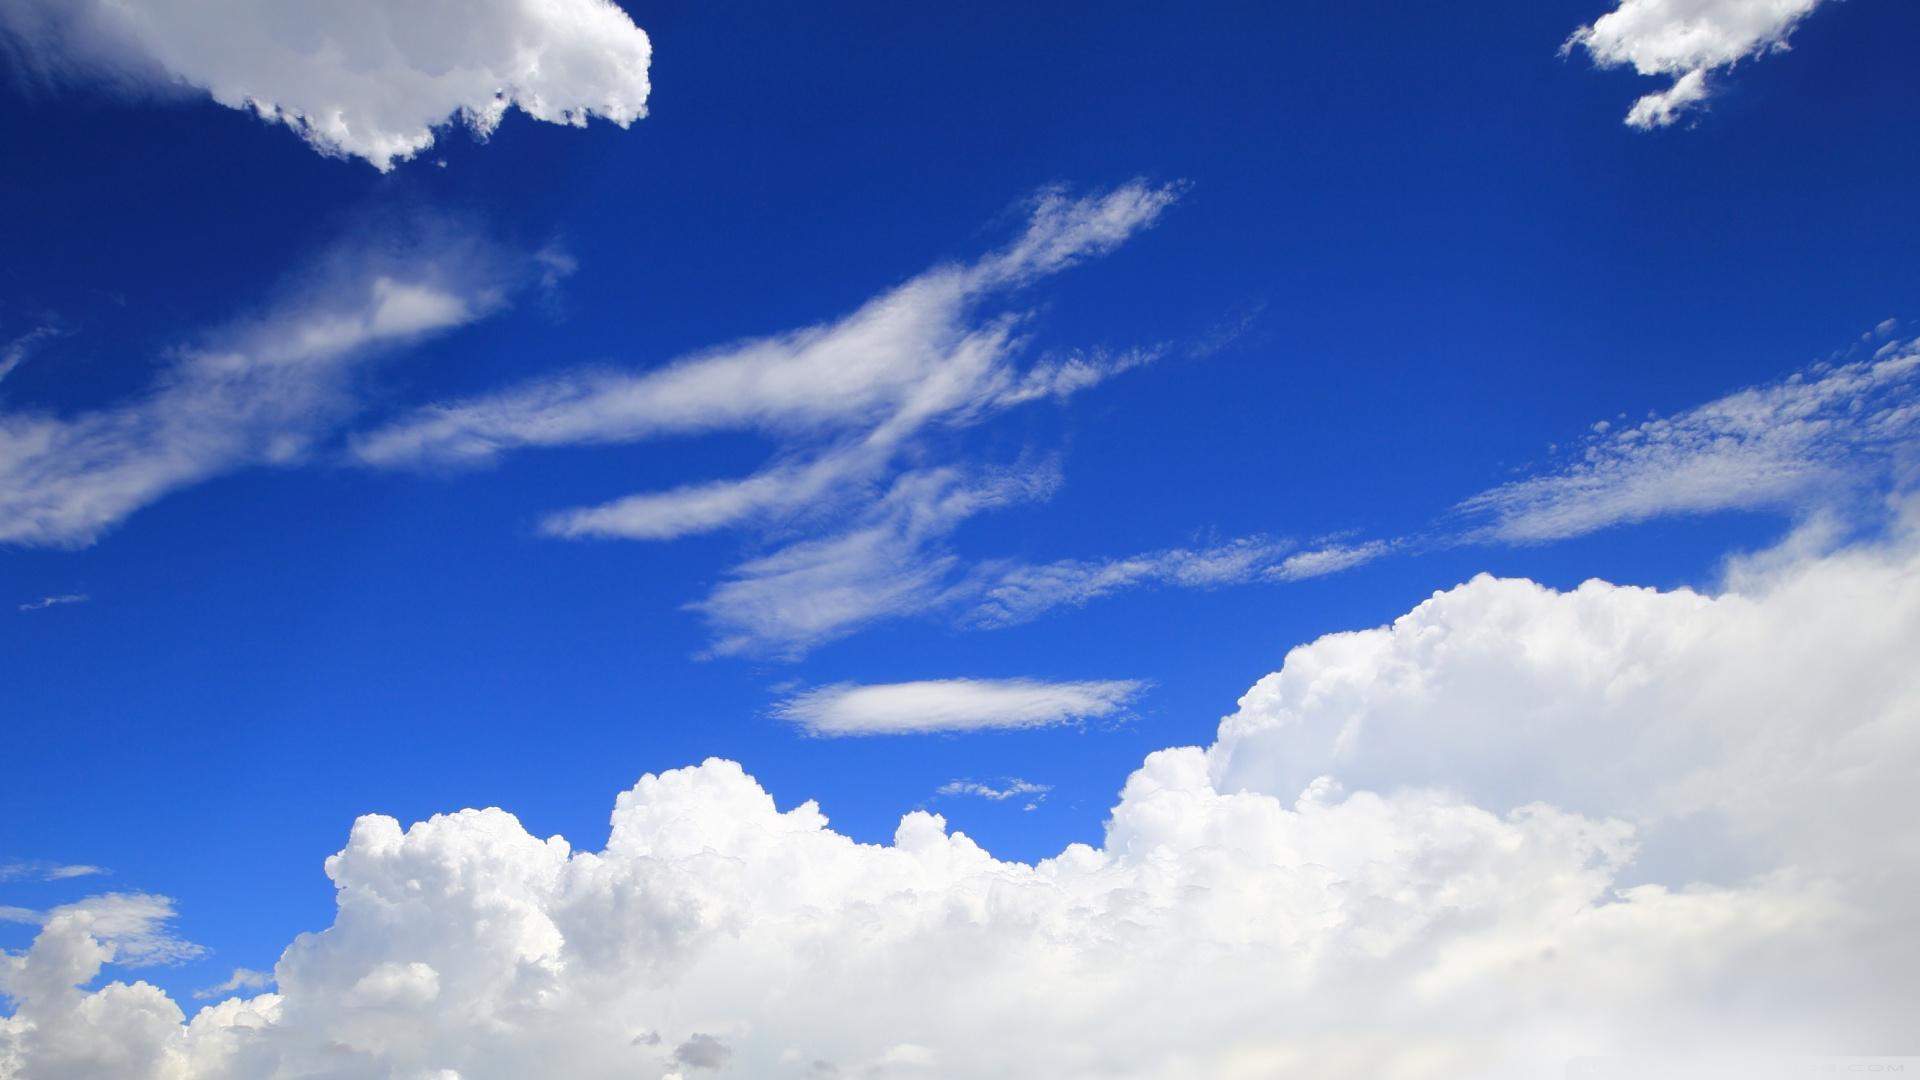 Blue Sky 4k Hd Desktop Wallpaper For Wide Ultra: Blue Sky 4K HD Desktop Wallpaper For • Wide & Ultra